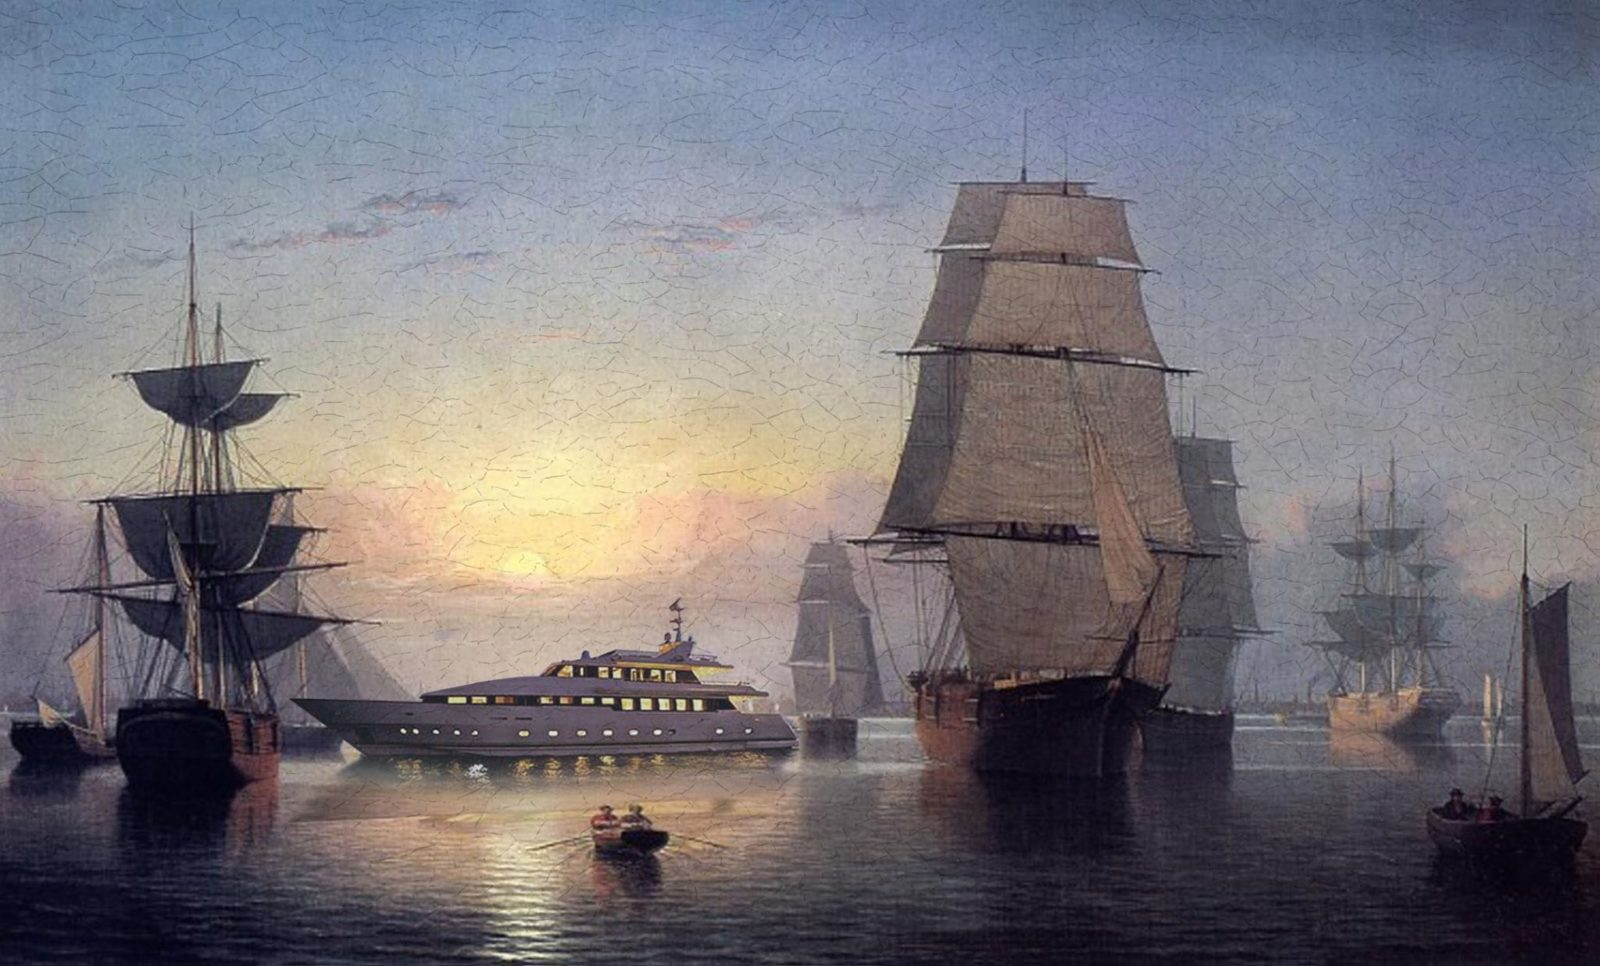 bateau yatch thorislausset detournement tableau peintureclassique - Painting update : les peintures classiques revisitées avec beaucoup d'humour et de modernité